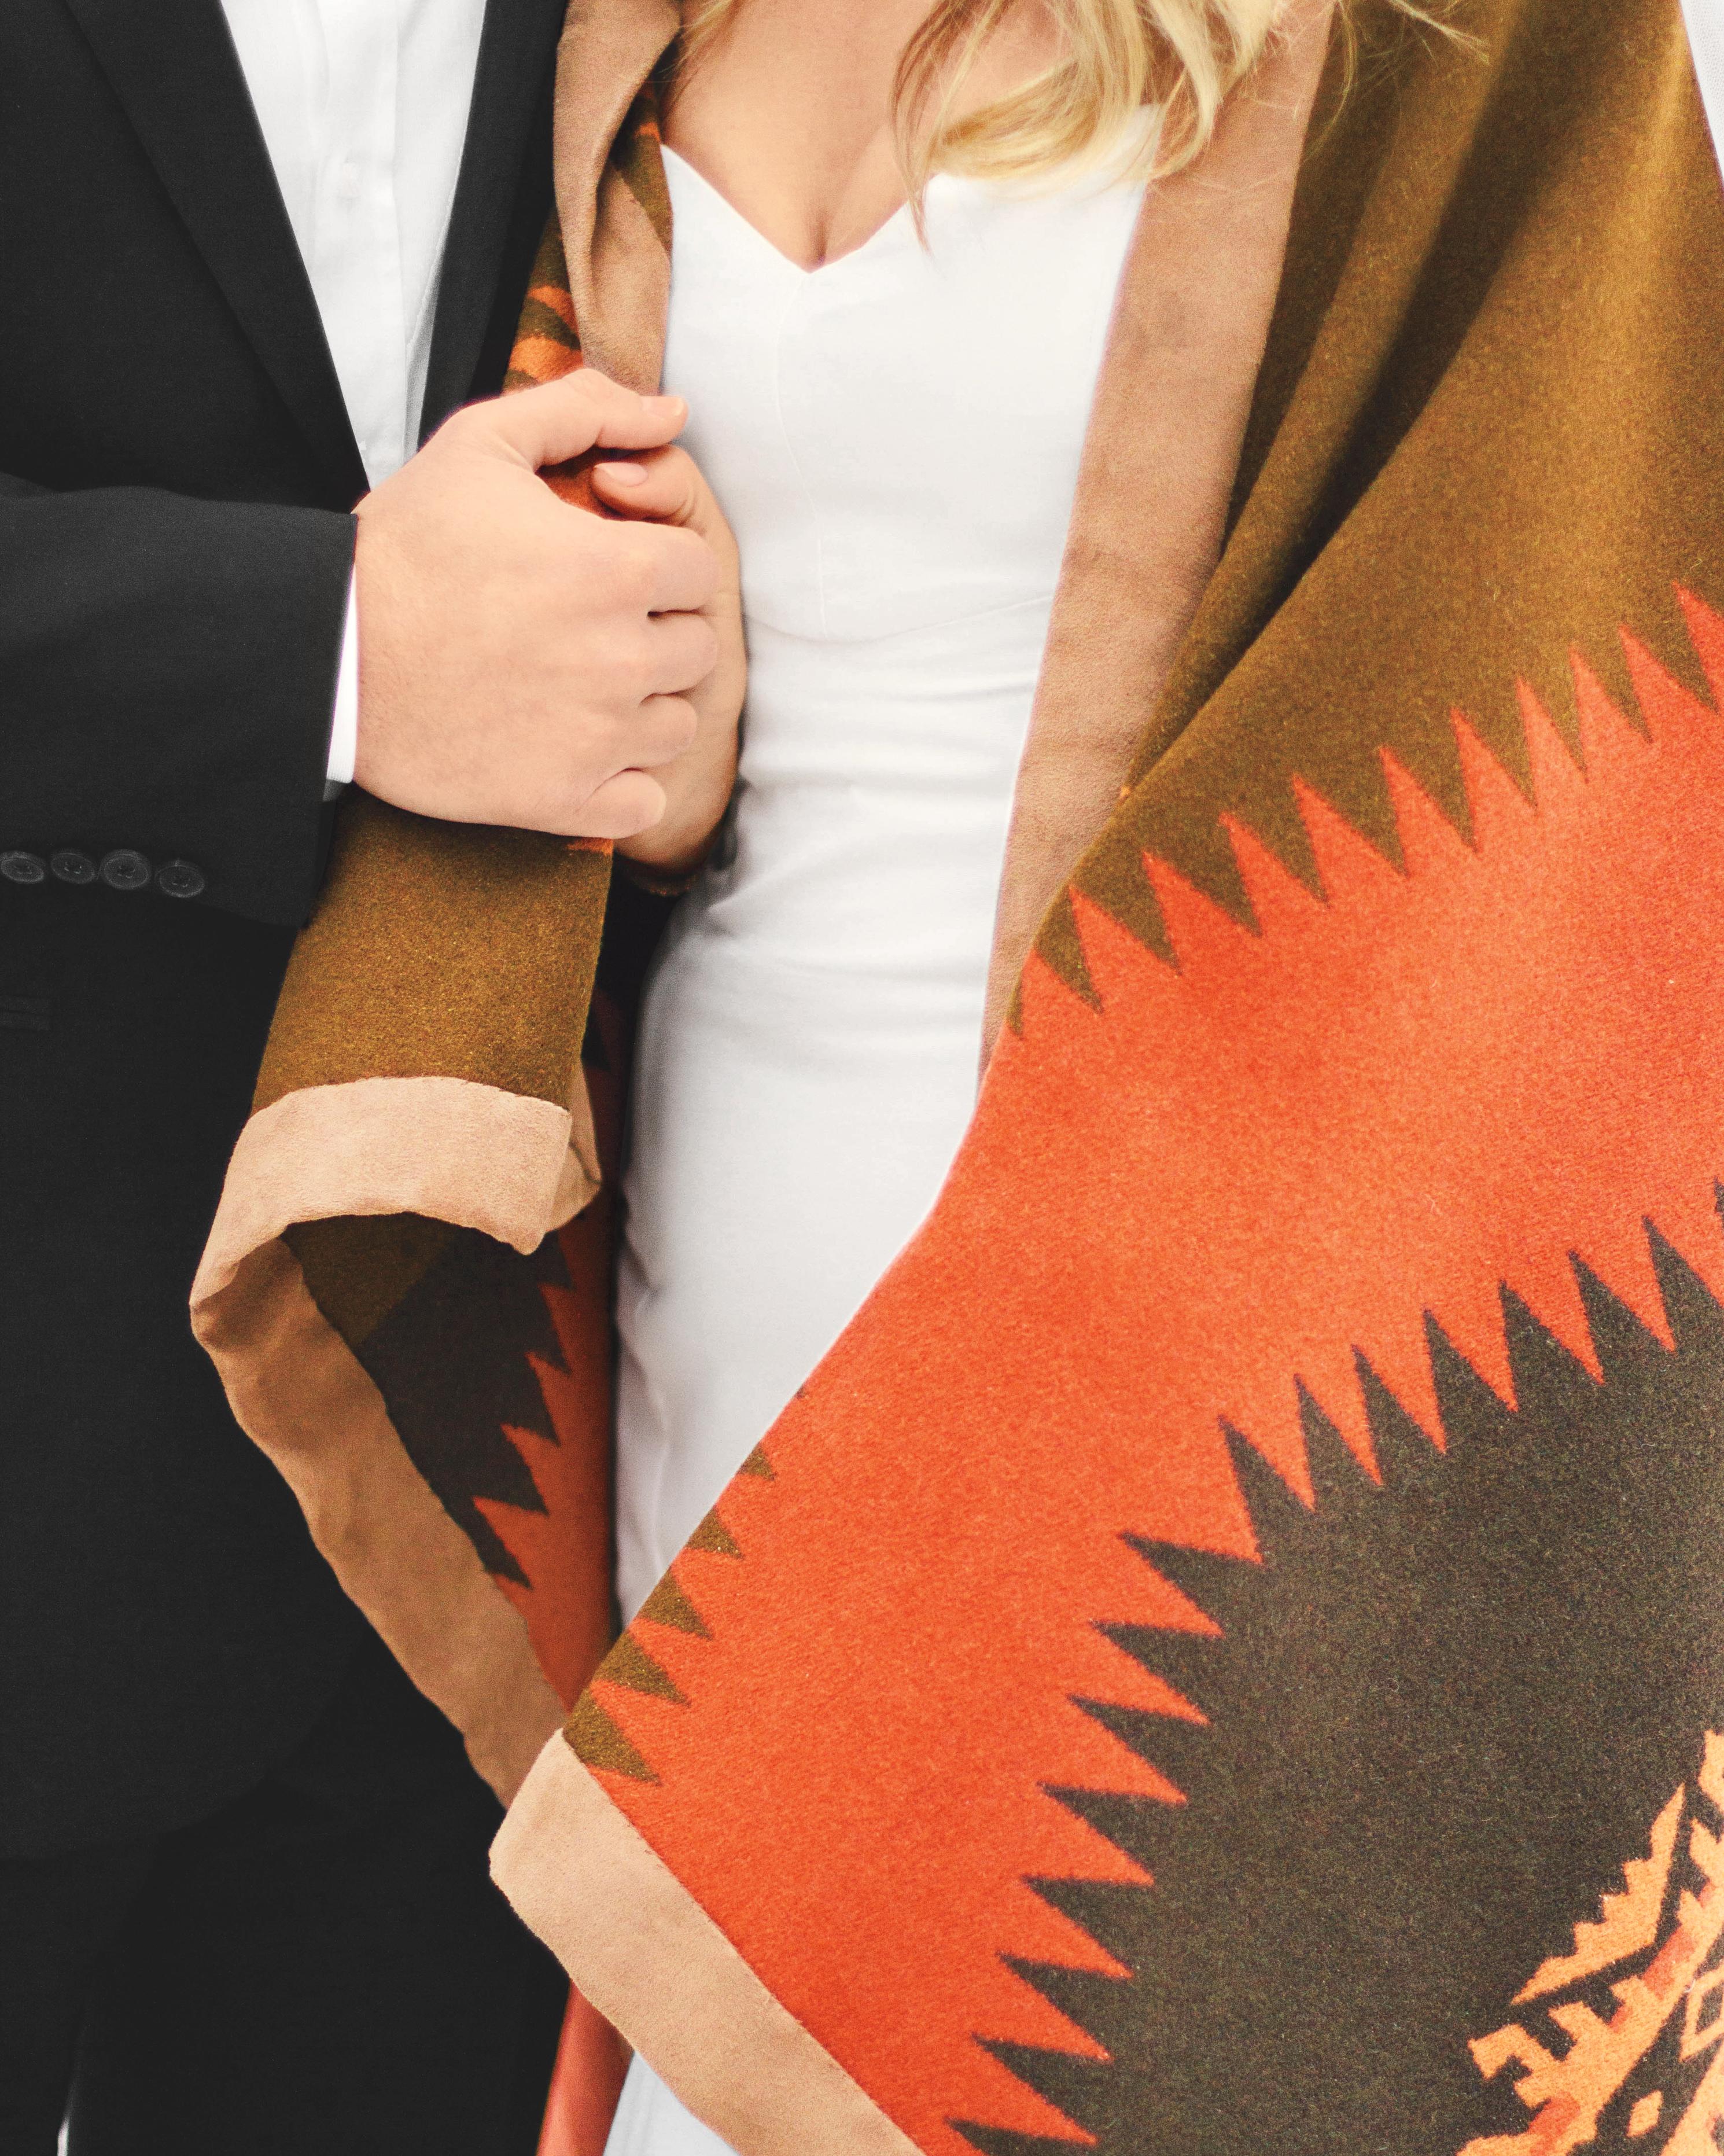 real-wedding-whitney-jordan-img-0954-ds111145.jpg